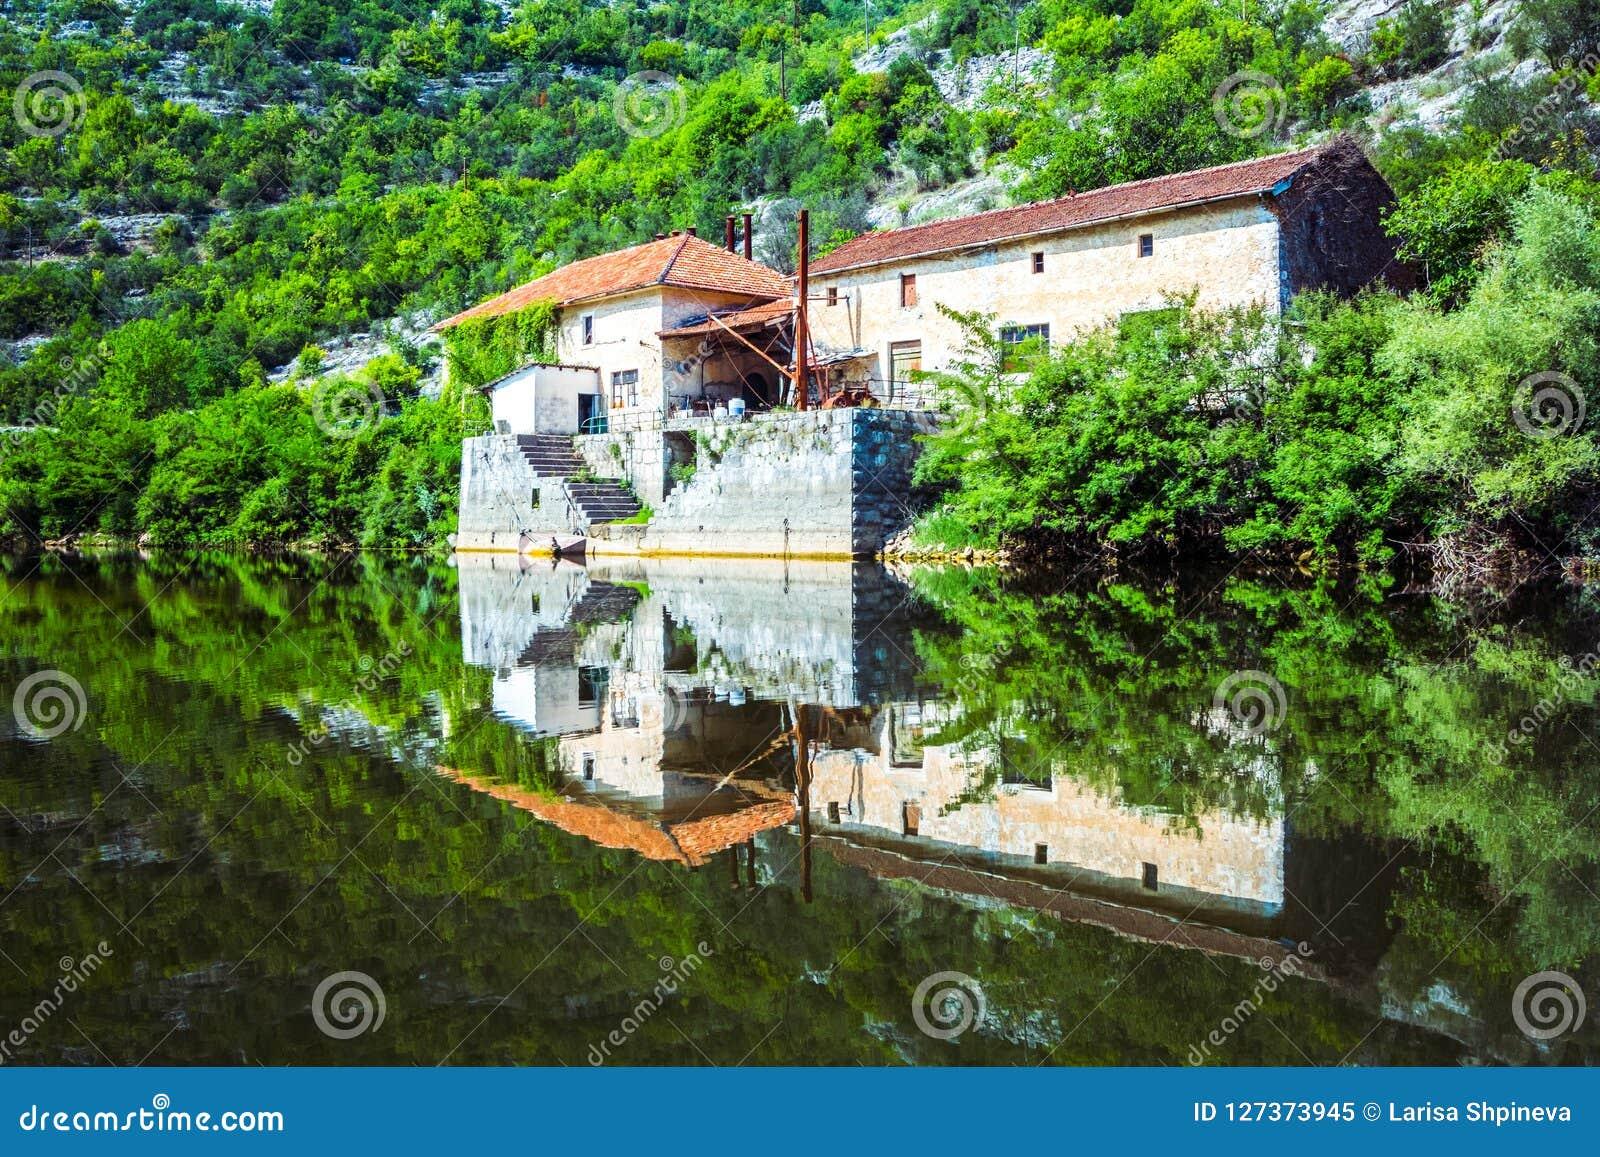 Bella riflessione della casa, della foresta, dei cespugli verdi e delle rocce nel lago Skadar, penisola di Balcani, Montenegro de